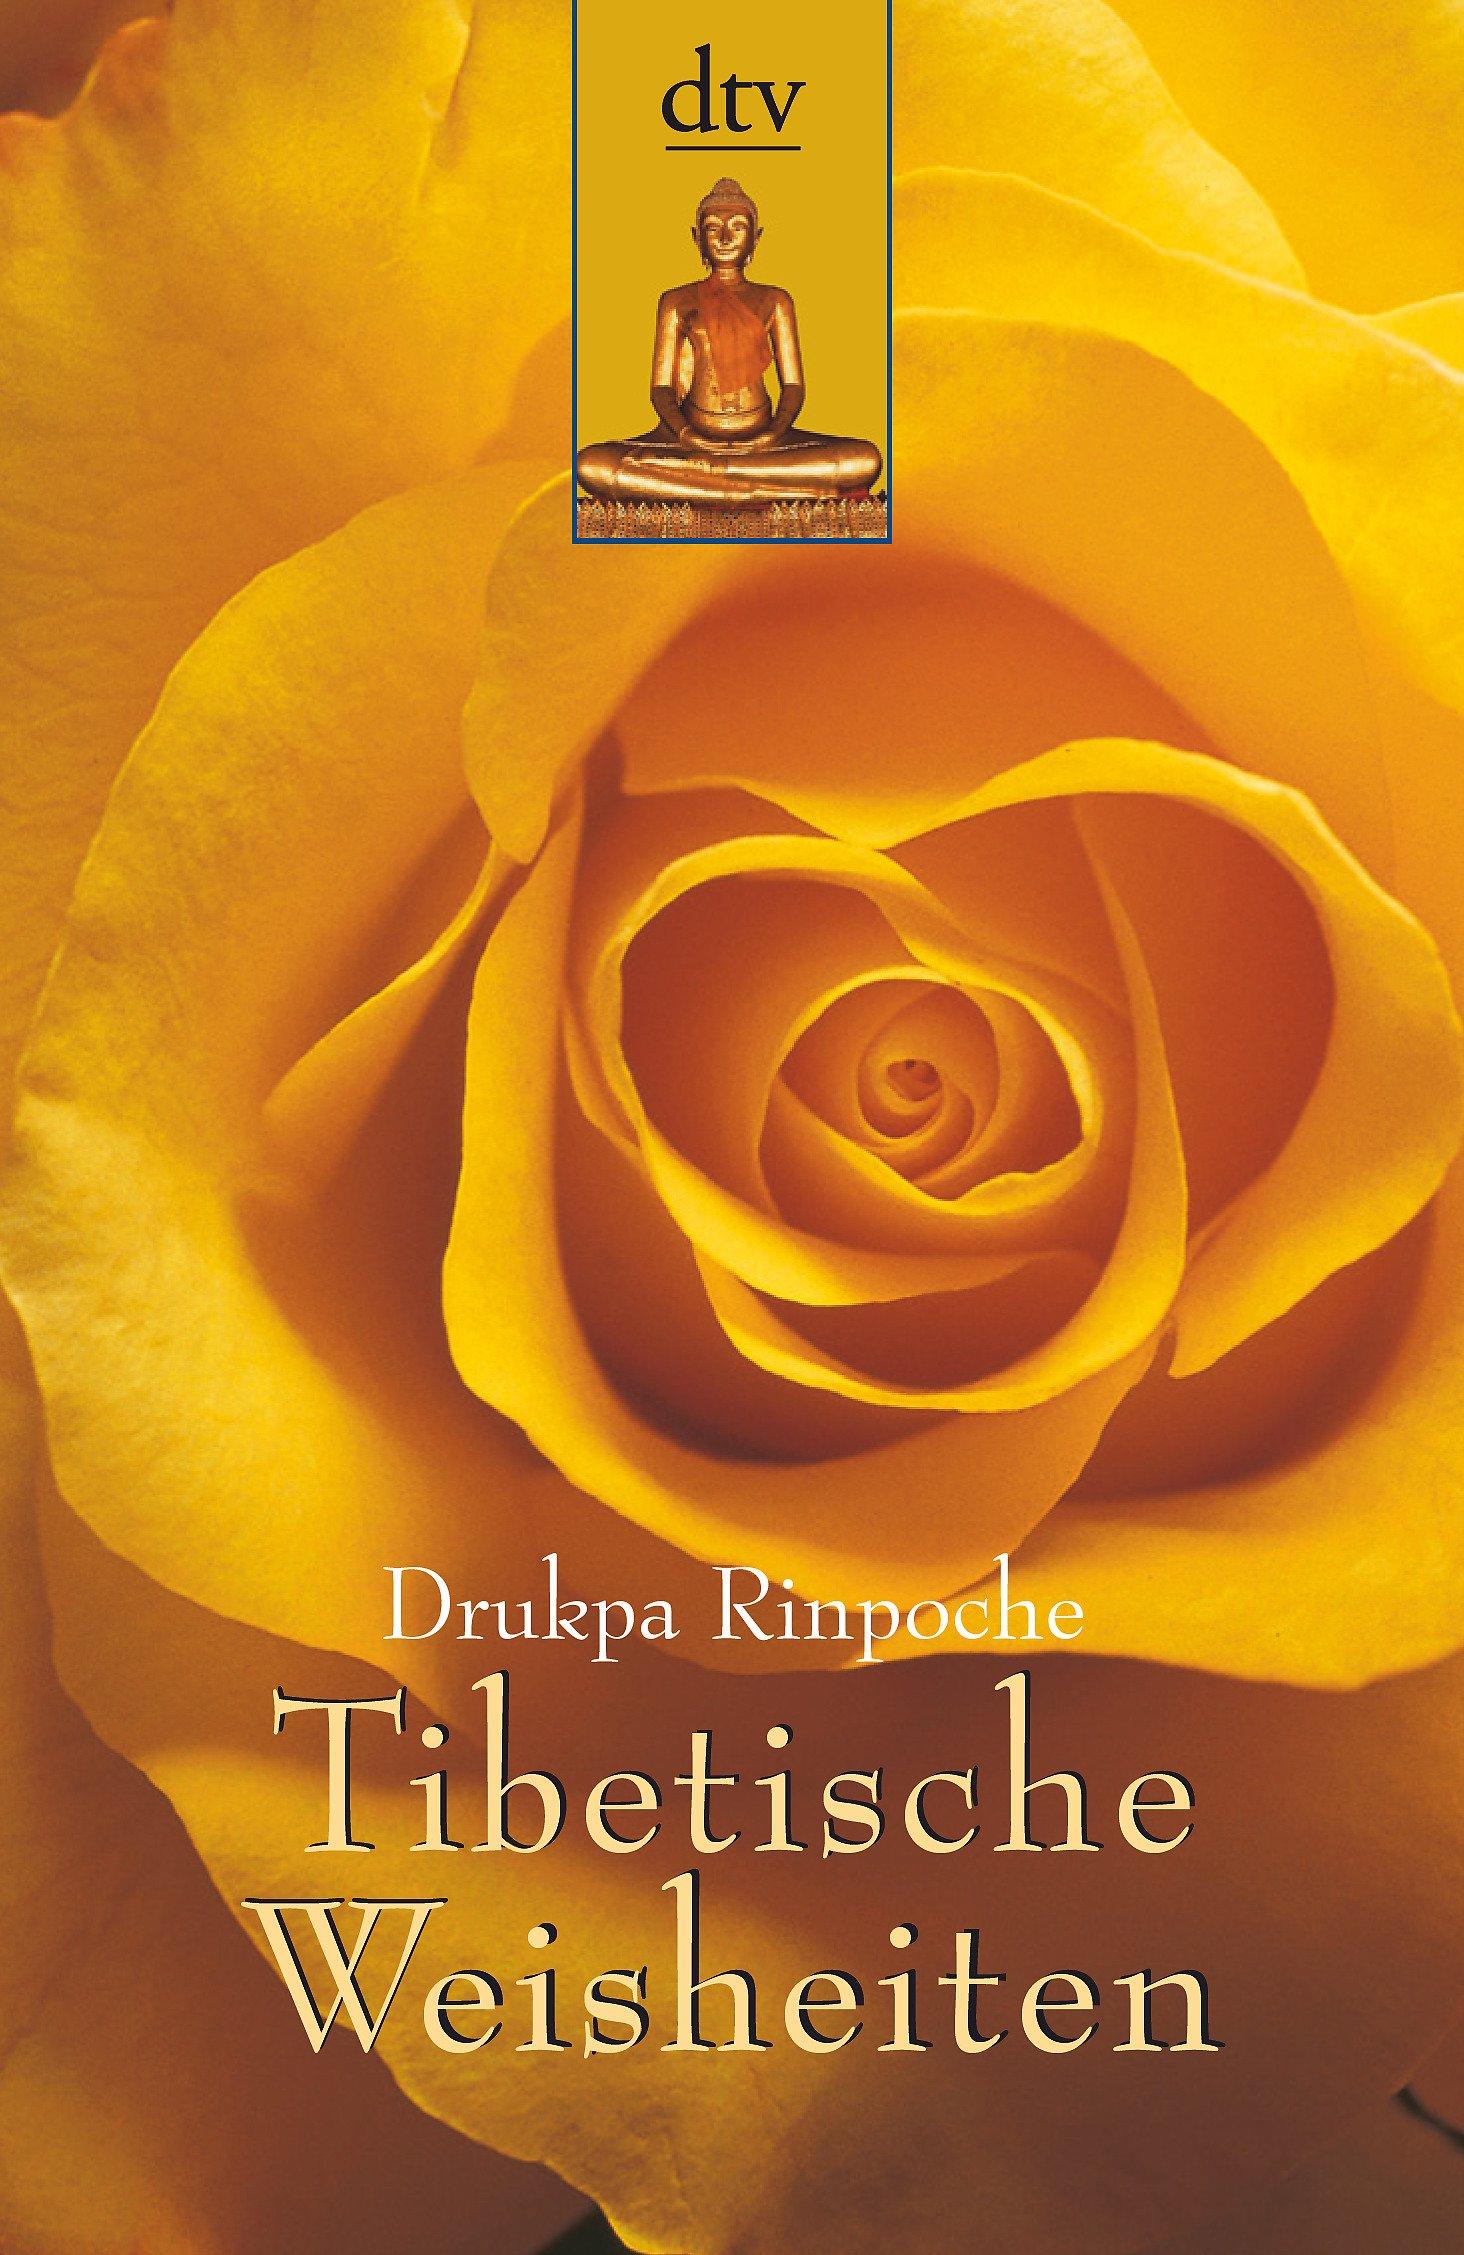 Tibetische Weisheiten (dtv Ratgeber)